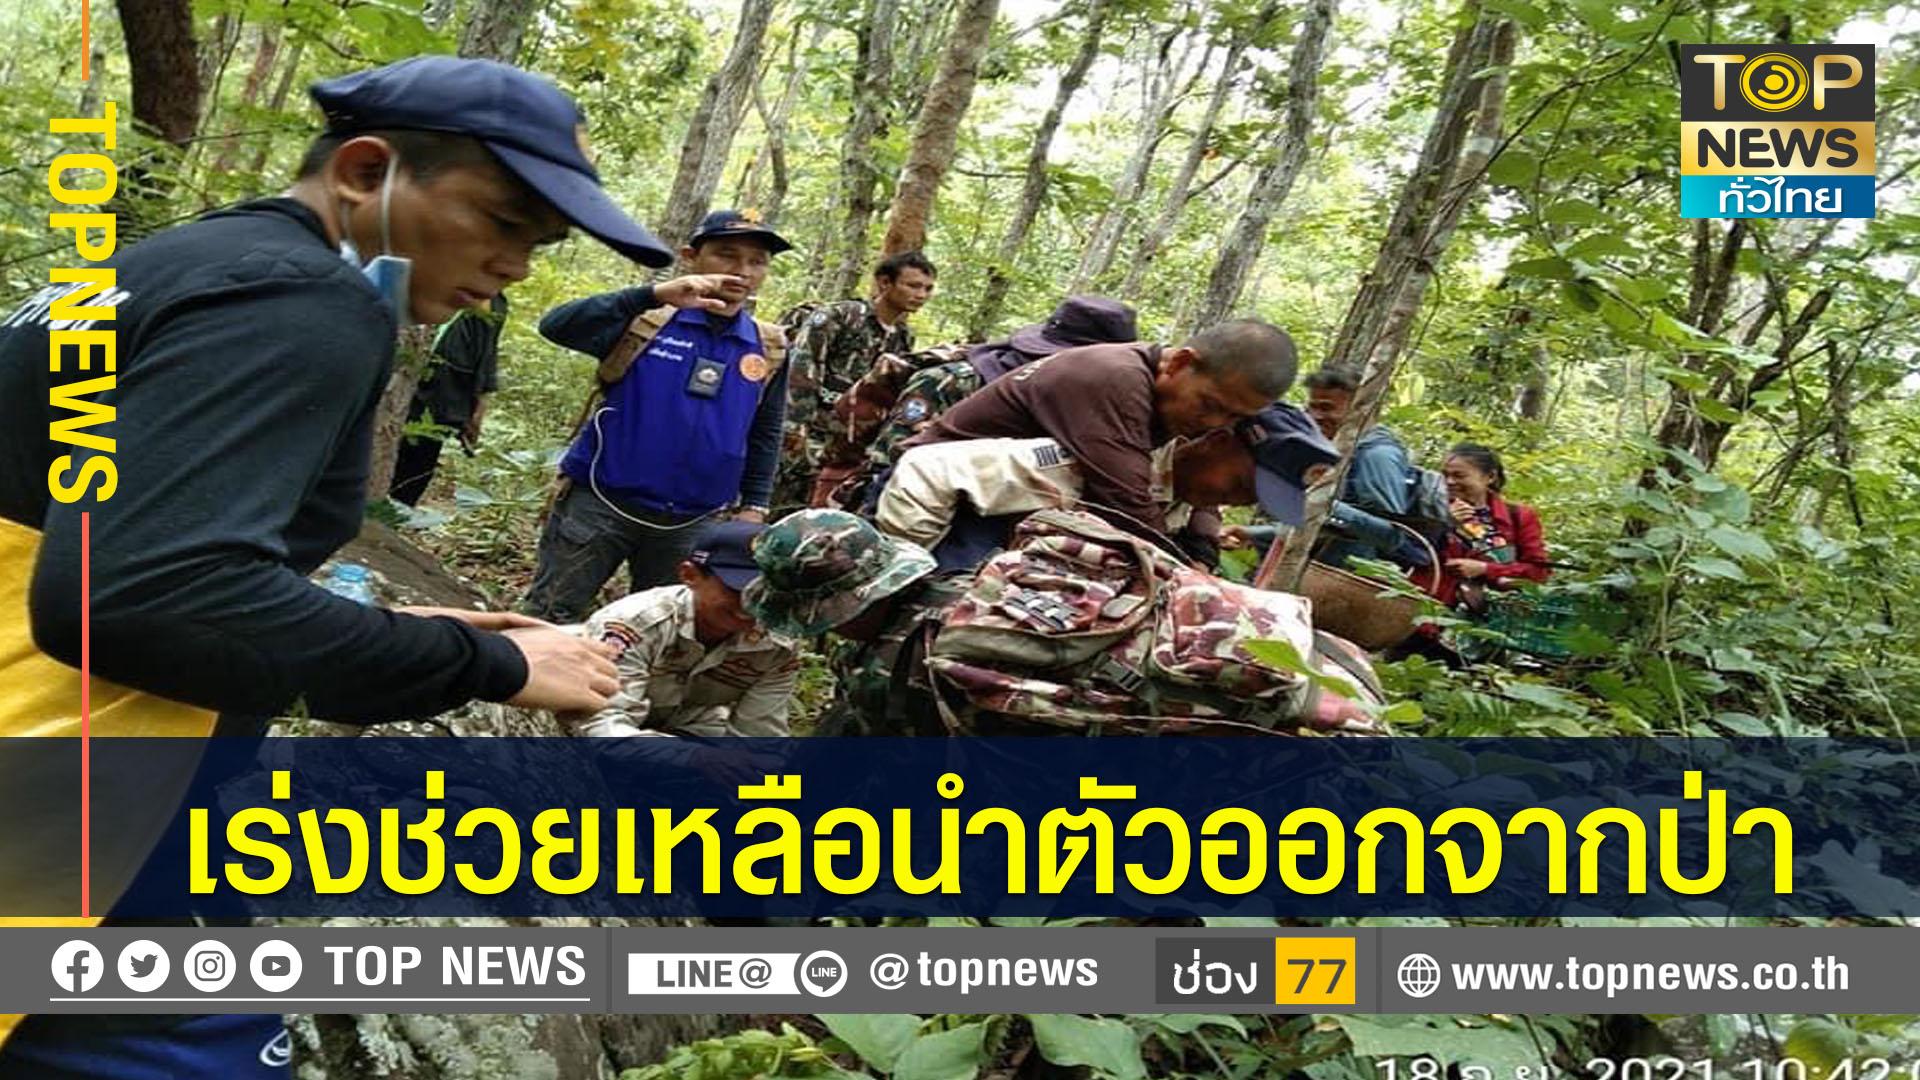 ปาฏิหาริย์มีจริง พบแล้วชายวัย 56 ปี ขึ้นภูเขาหาเห็ดแล้วพลัดหลงกับเพื่อนหายไป 5 วัน ในสภาพอิดโรย